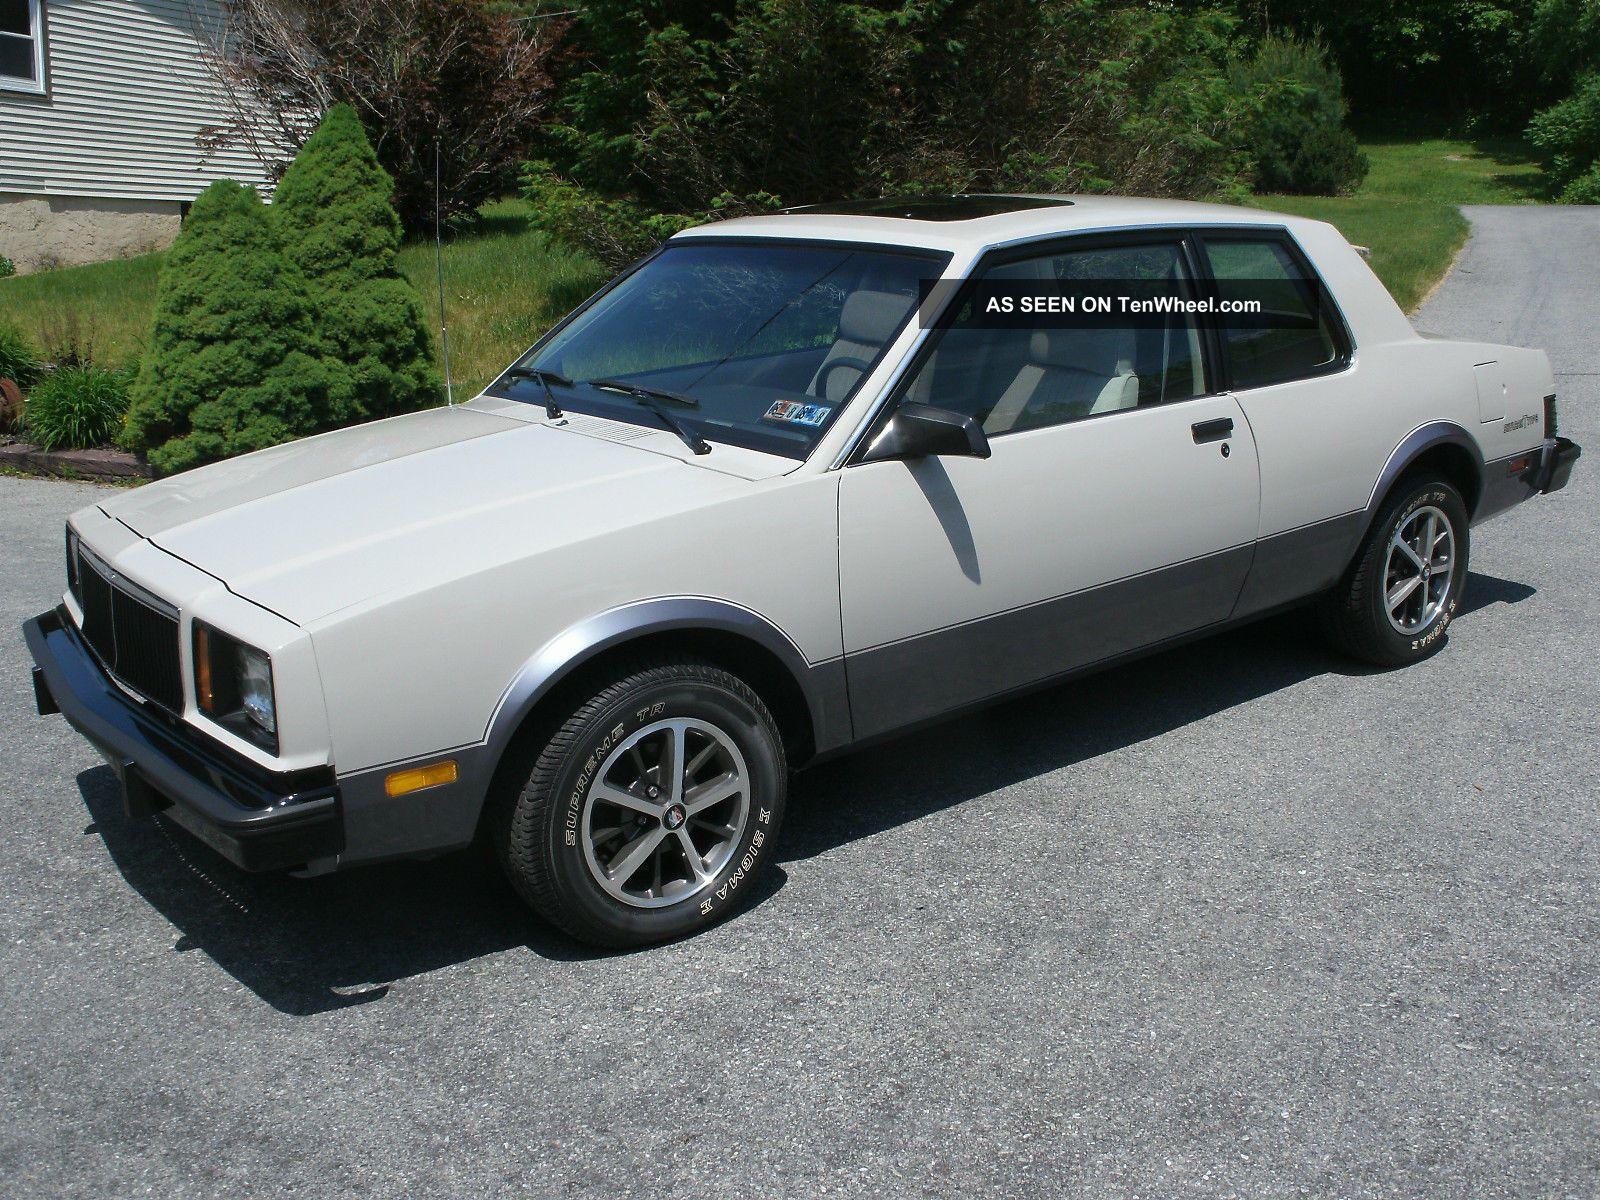 1983 Buick Skylark T - Type Skylark photo